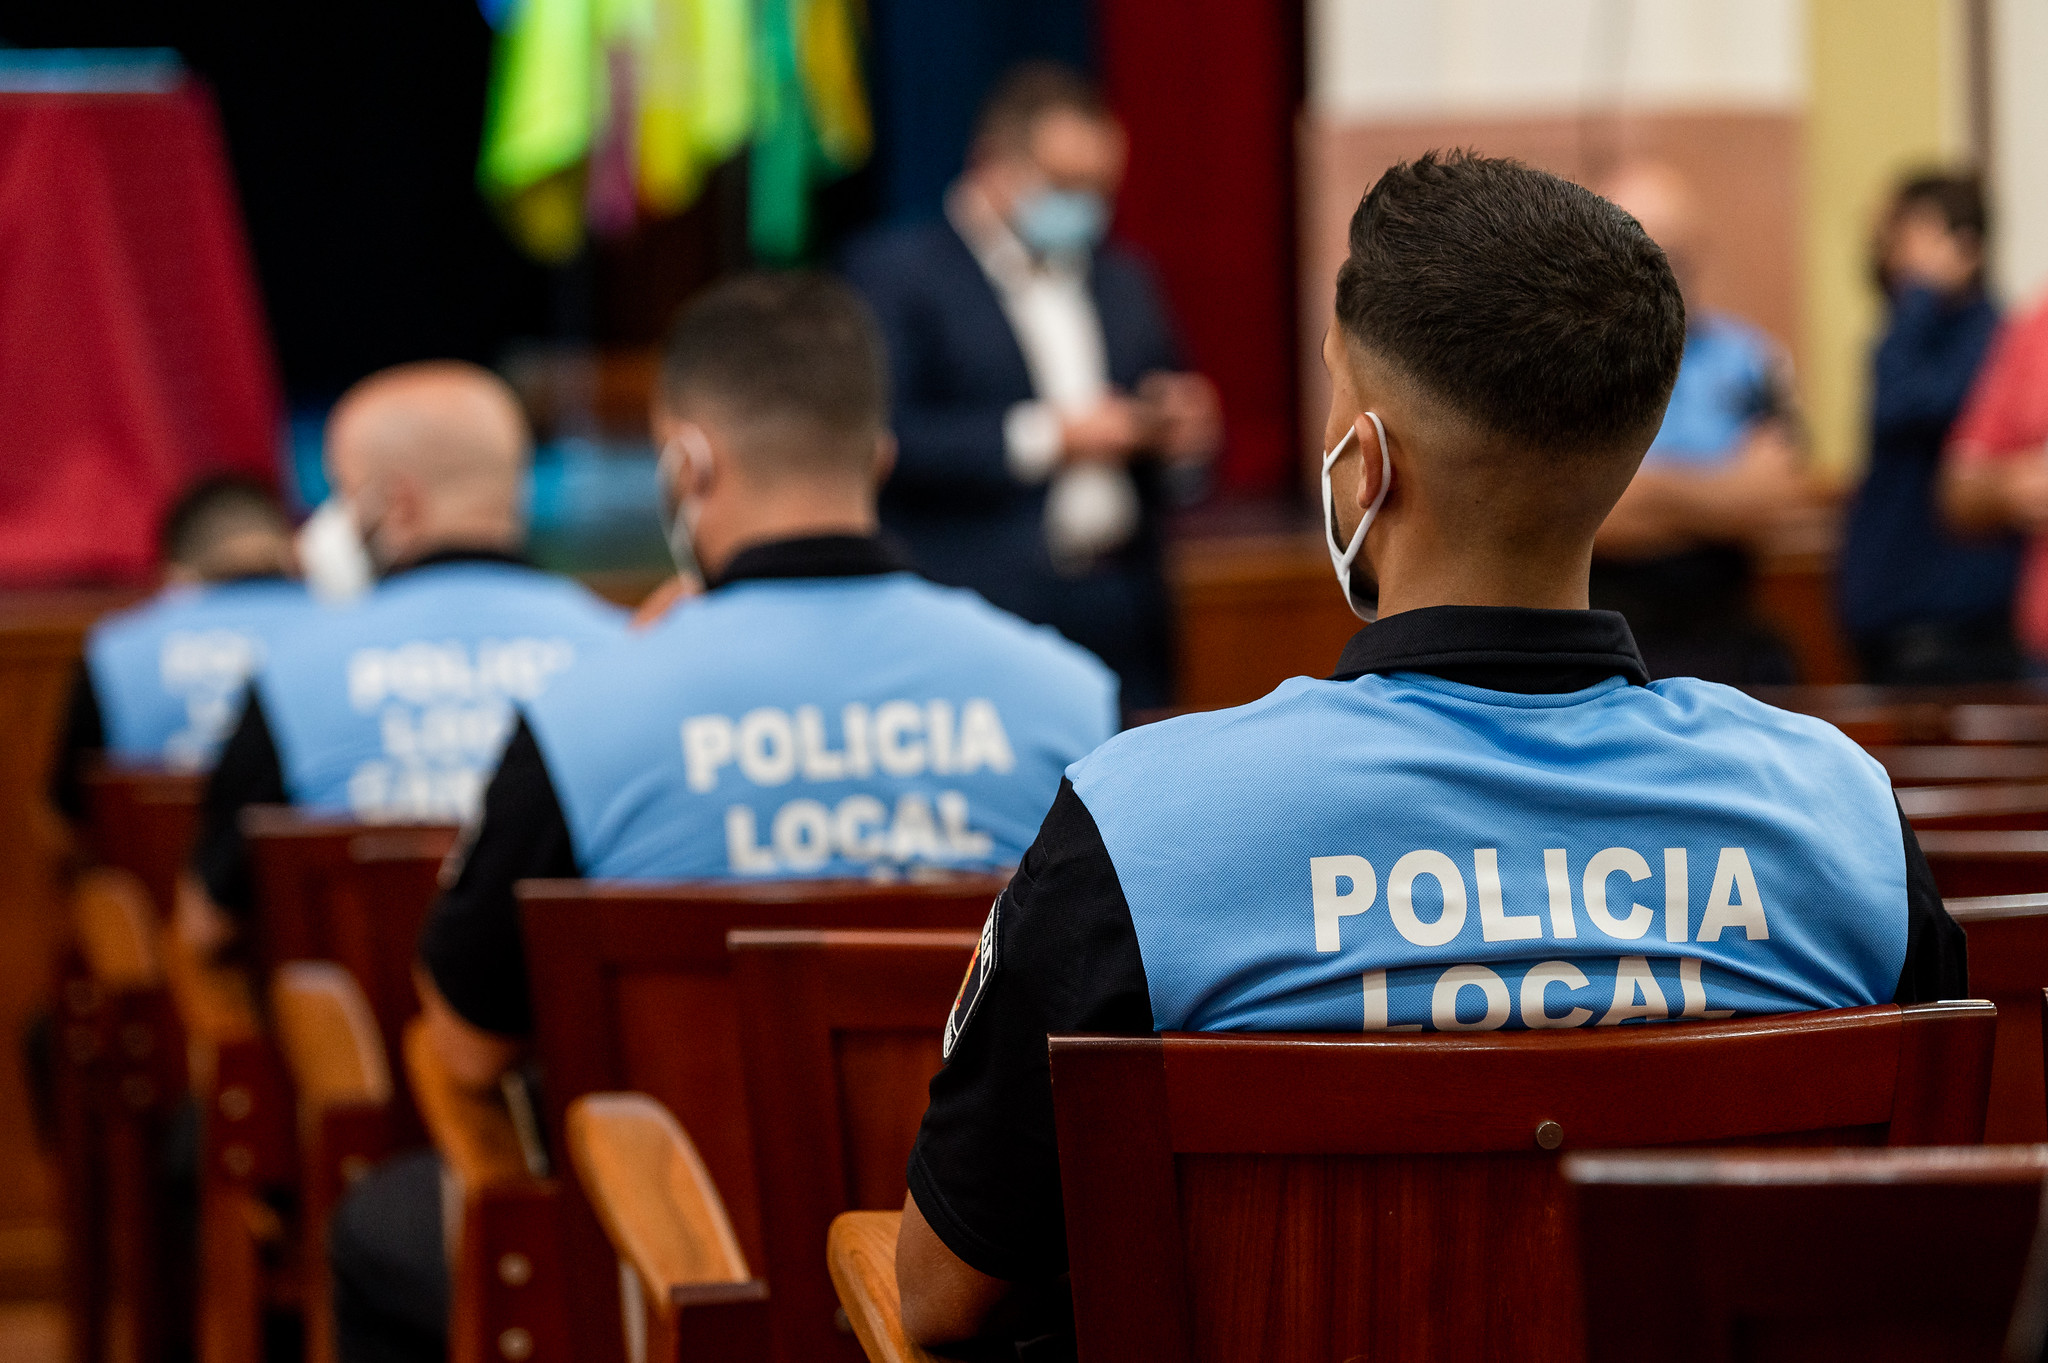 Incorporación de 12 nuevos agentes a la Policía Local de Gáldar. Gran Canaria